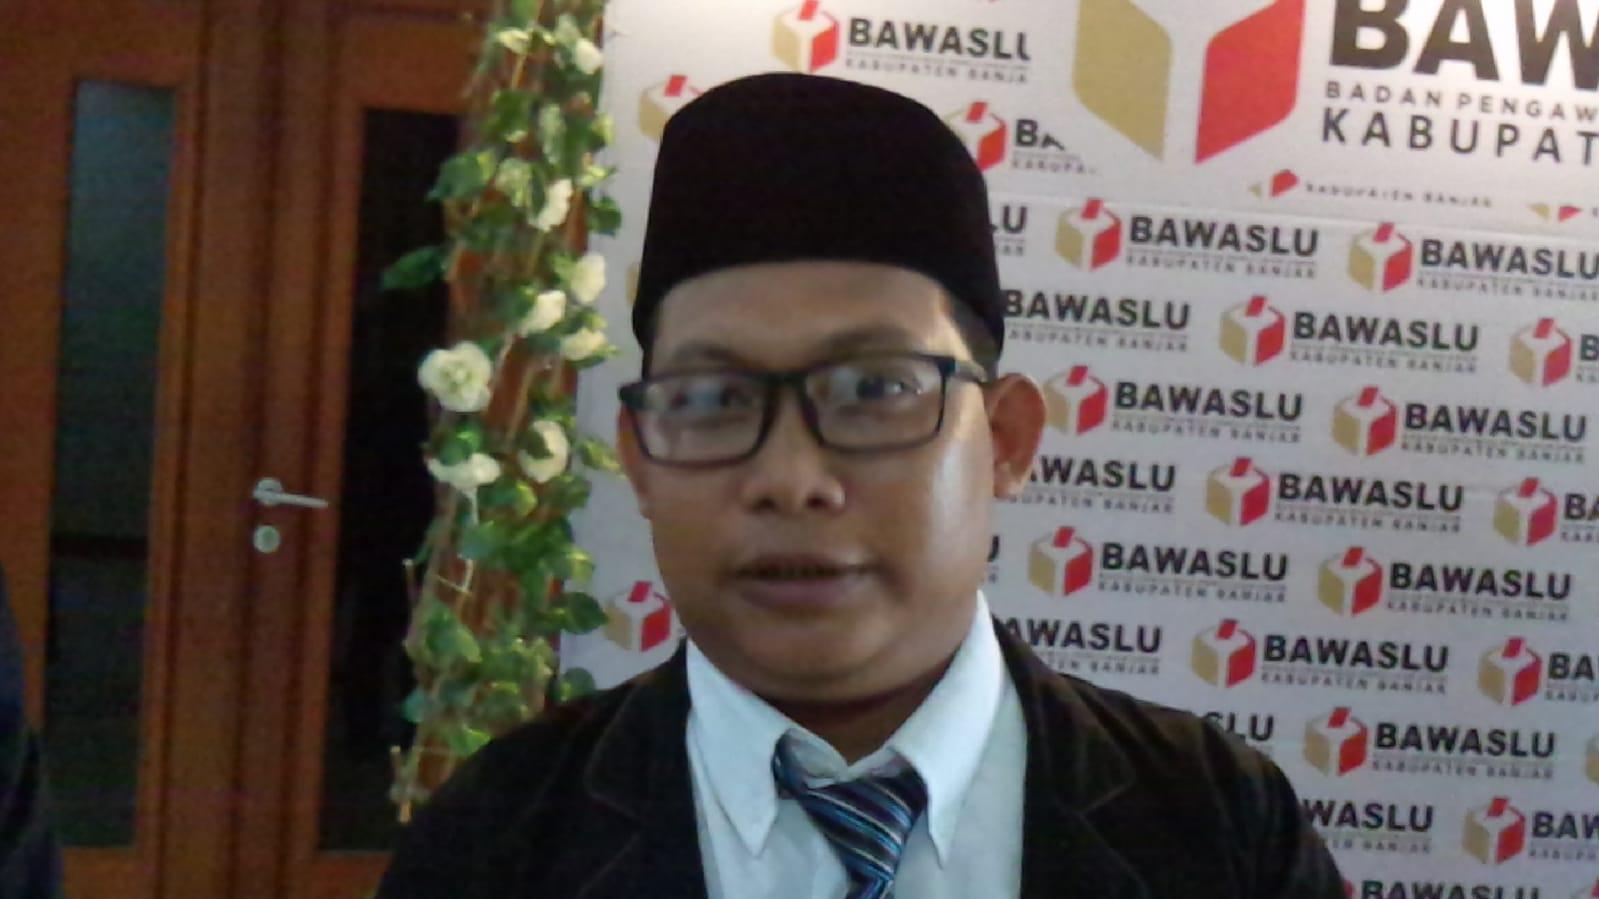 Jelang Pilkada 2020, Bawaslu Banjar Lantik 60 Panwascam 6